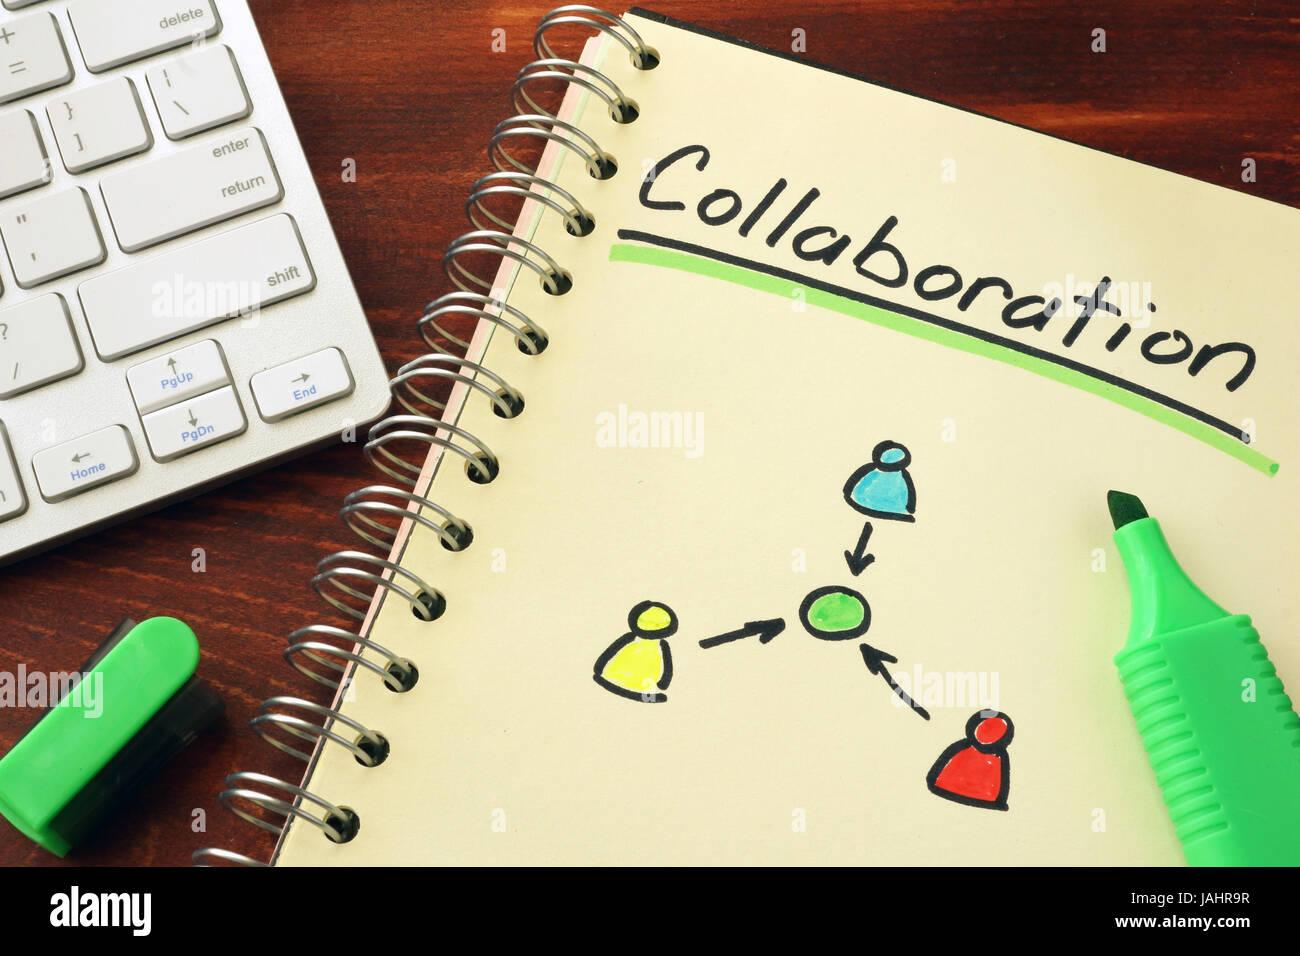 Notizblock mit Wort Zusammenarbeit. Kooperationskonzept Teamarbeit. Stockbild